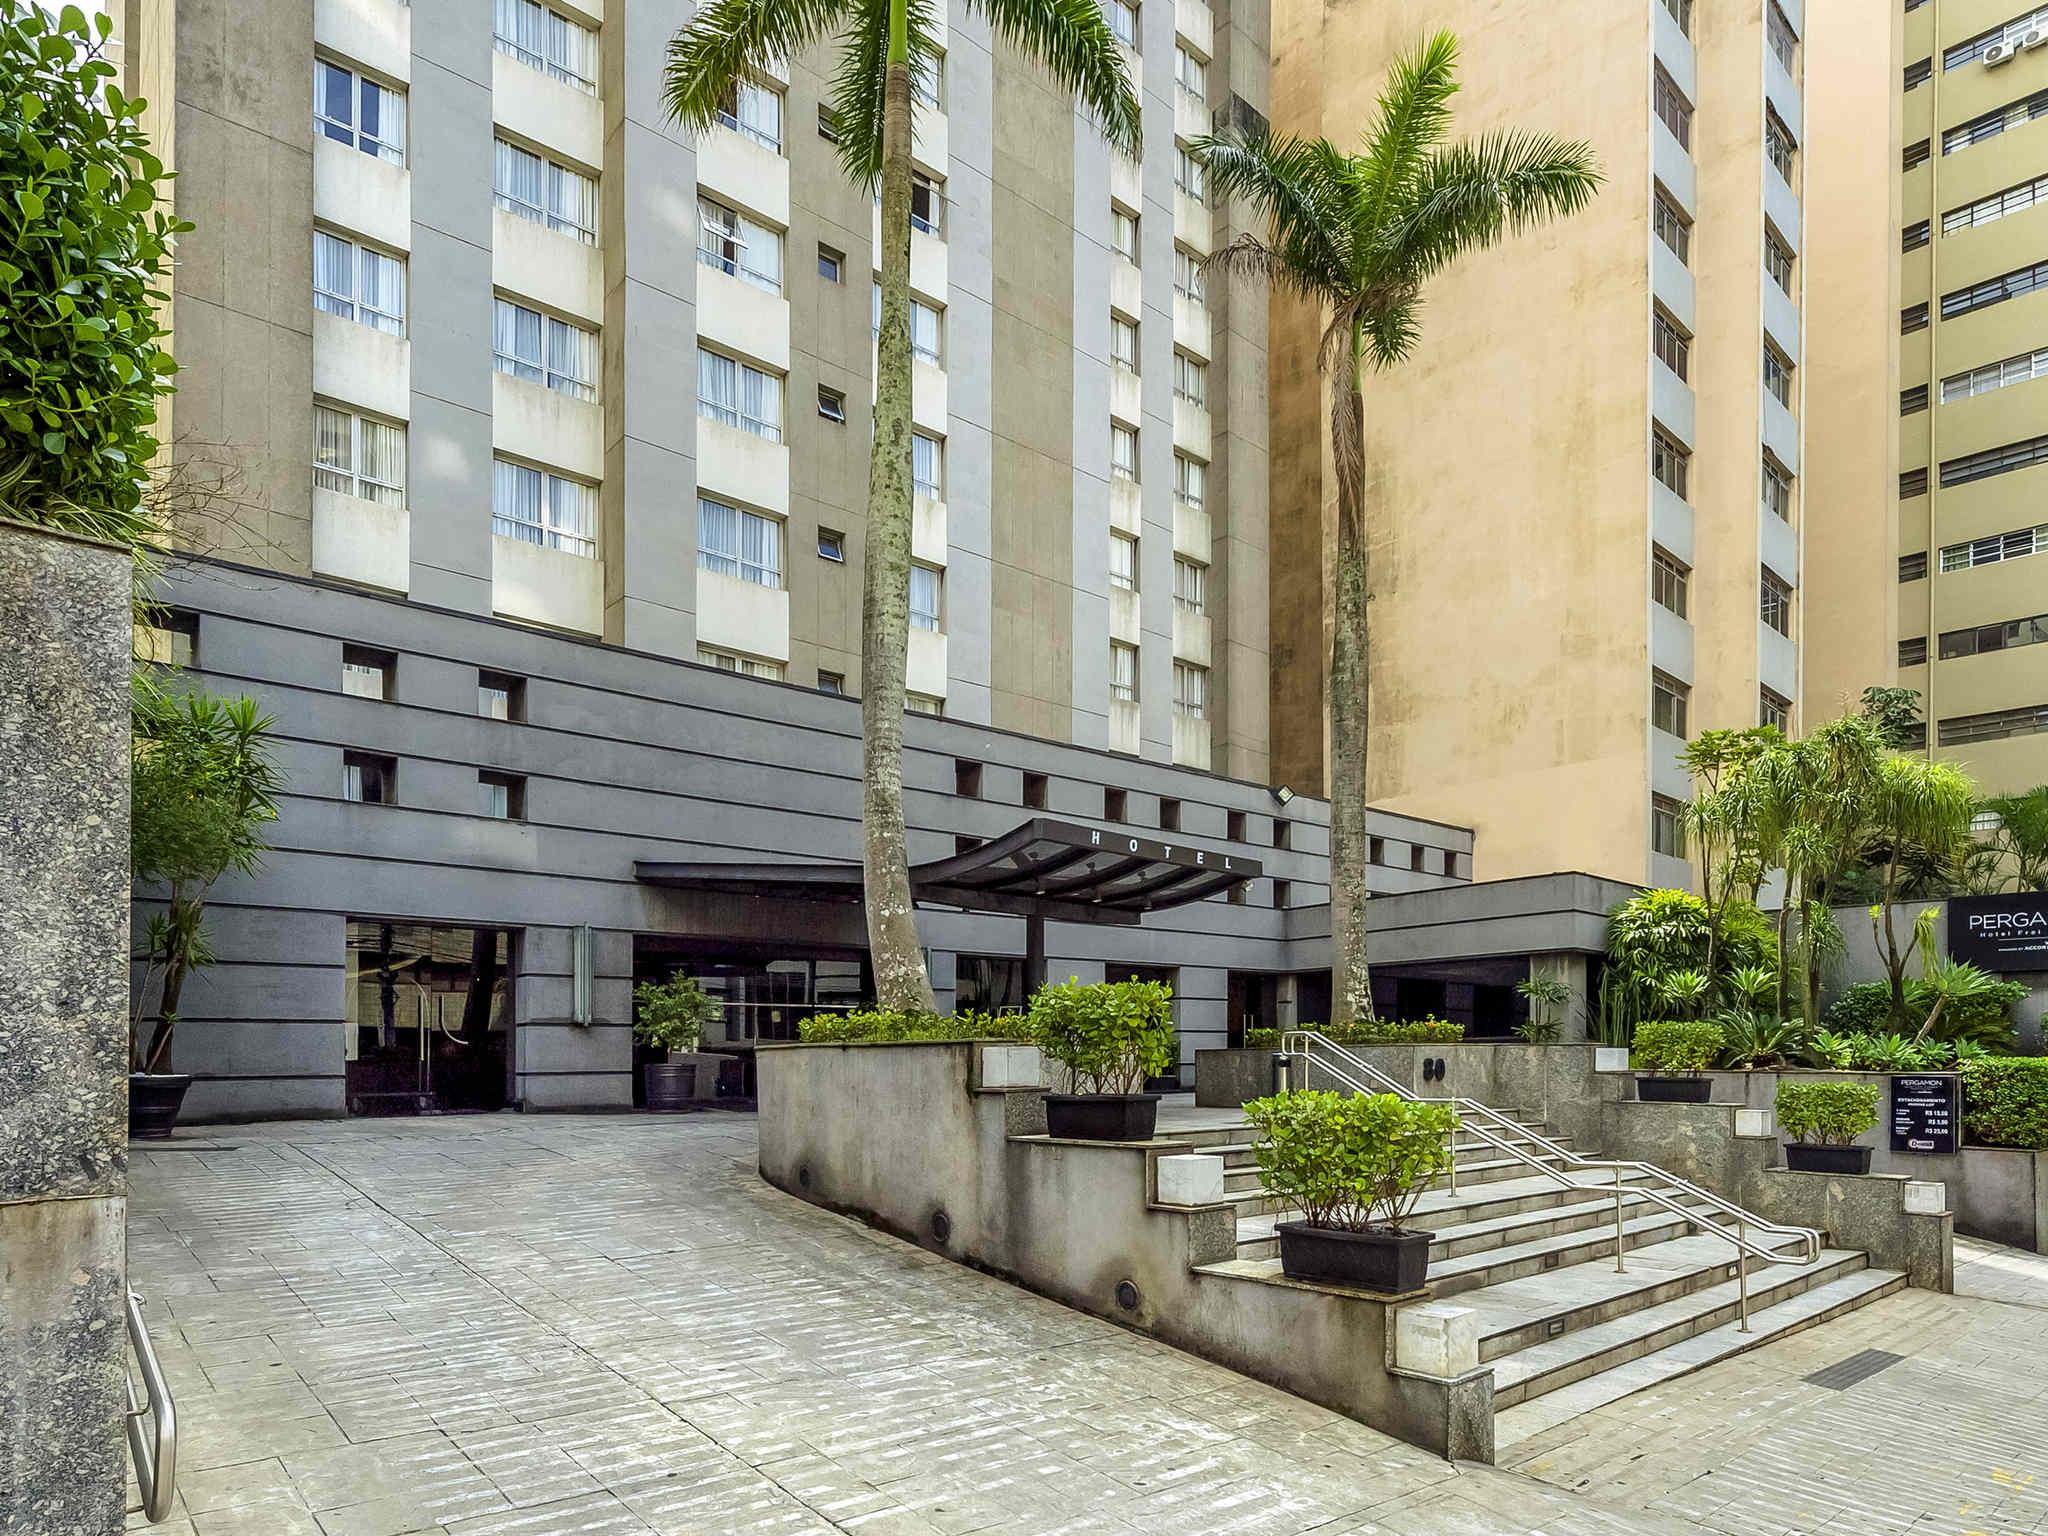 Hotell – Pergamon Hotel Frei Caneca i samarbete med AccorHotels